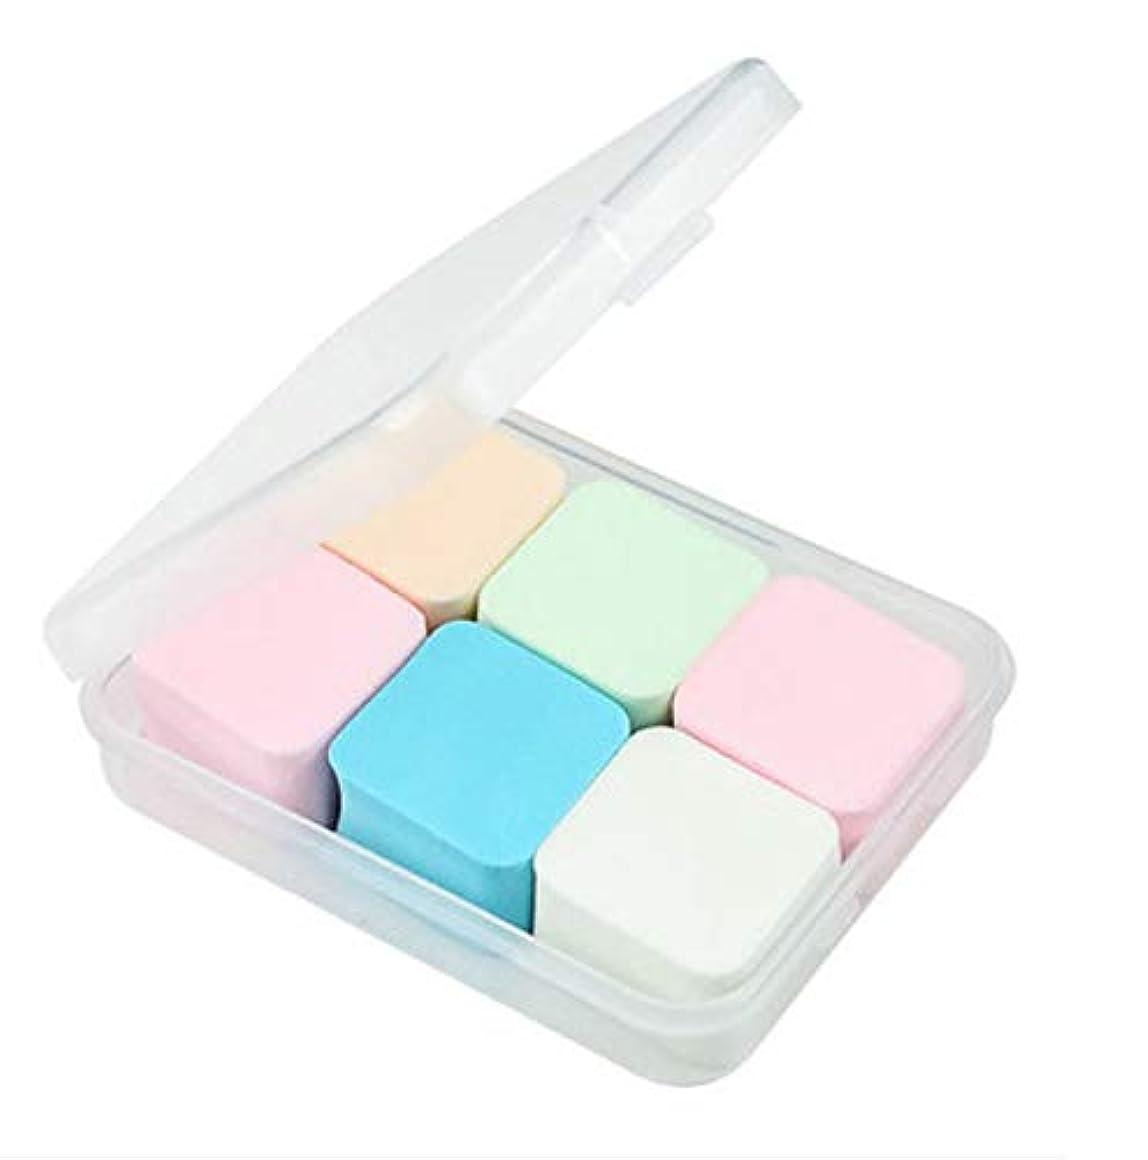 どこ最愛の強要美容スポンジ、収納ボックス付きソフトダイヤモンド化粧スポンジ美容メイク卵6パック